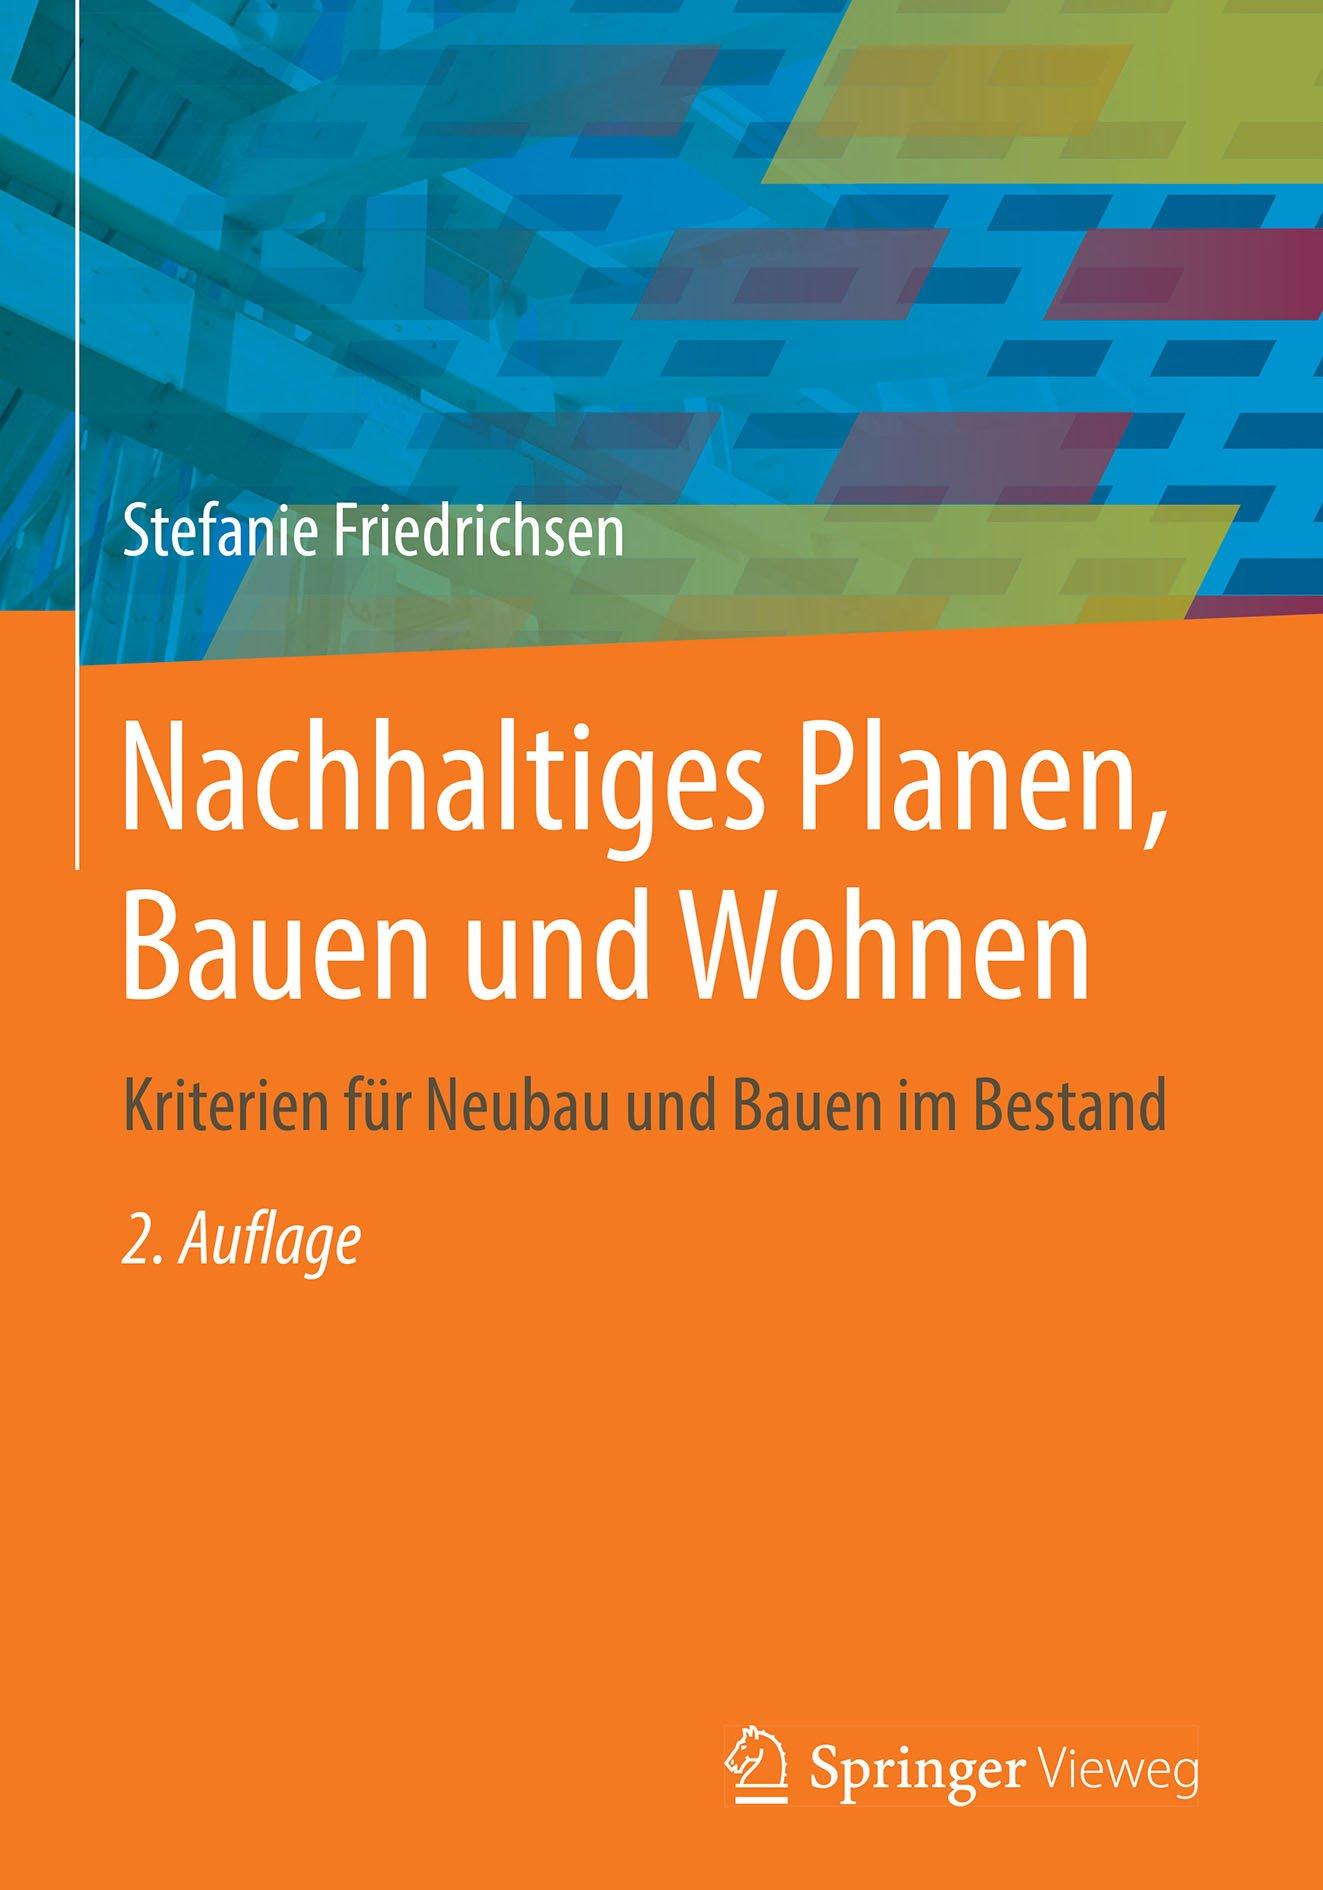 Nachhaltiges Planen, Bauen und Wohnen: Kriterien für Neubau und Bauen im Bestand (German Edition)